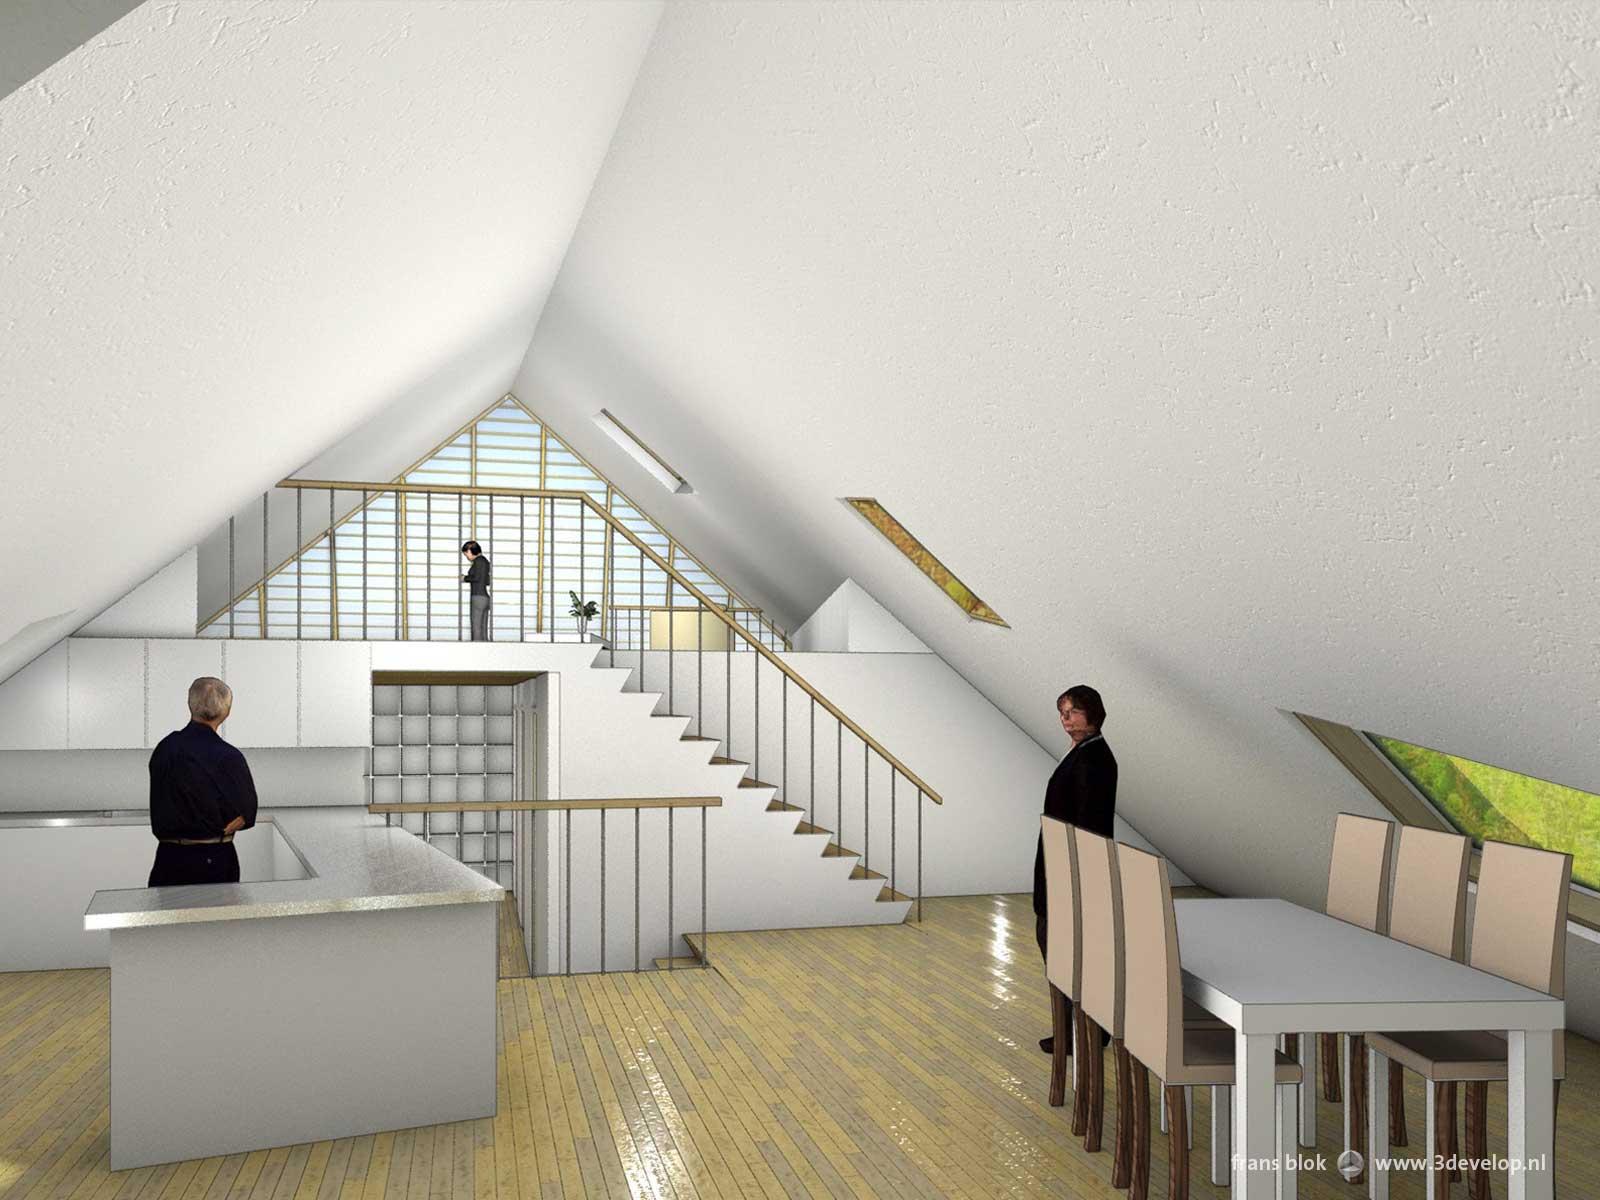 Interieurbeeld van de Groene Piramide in Borne, een radicaal duurzame woning, met een doorkijkje vanuit de keuken naar de woonkamer